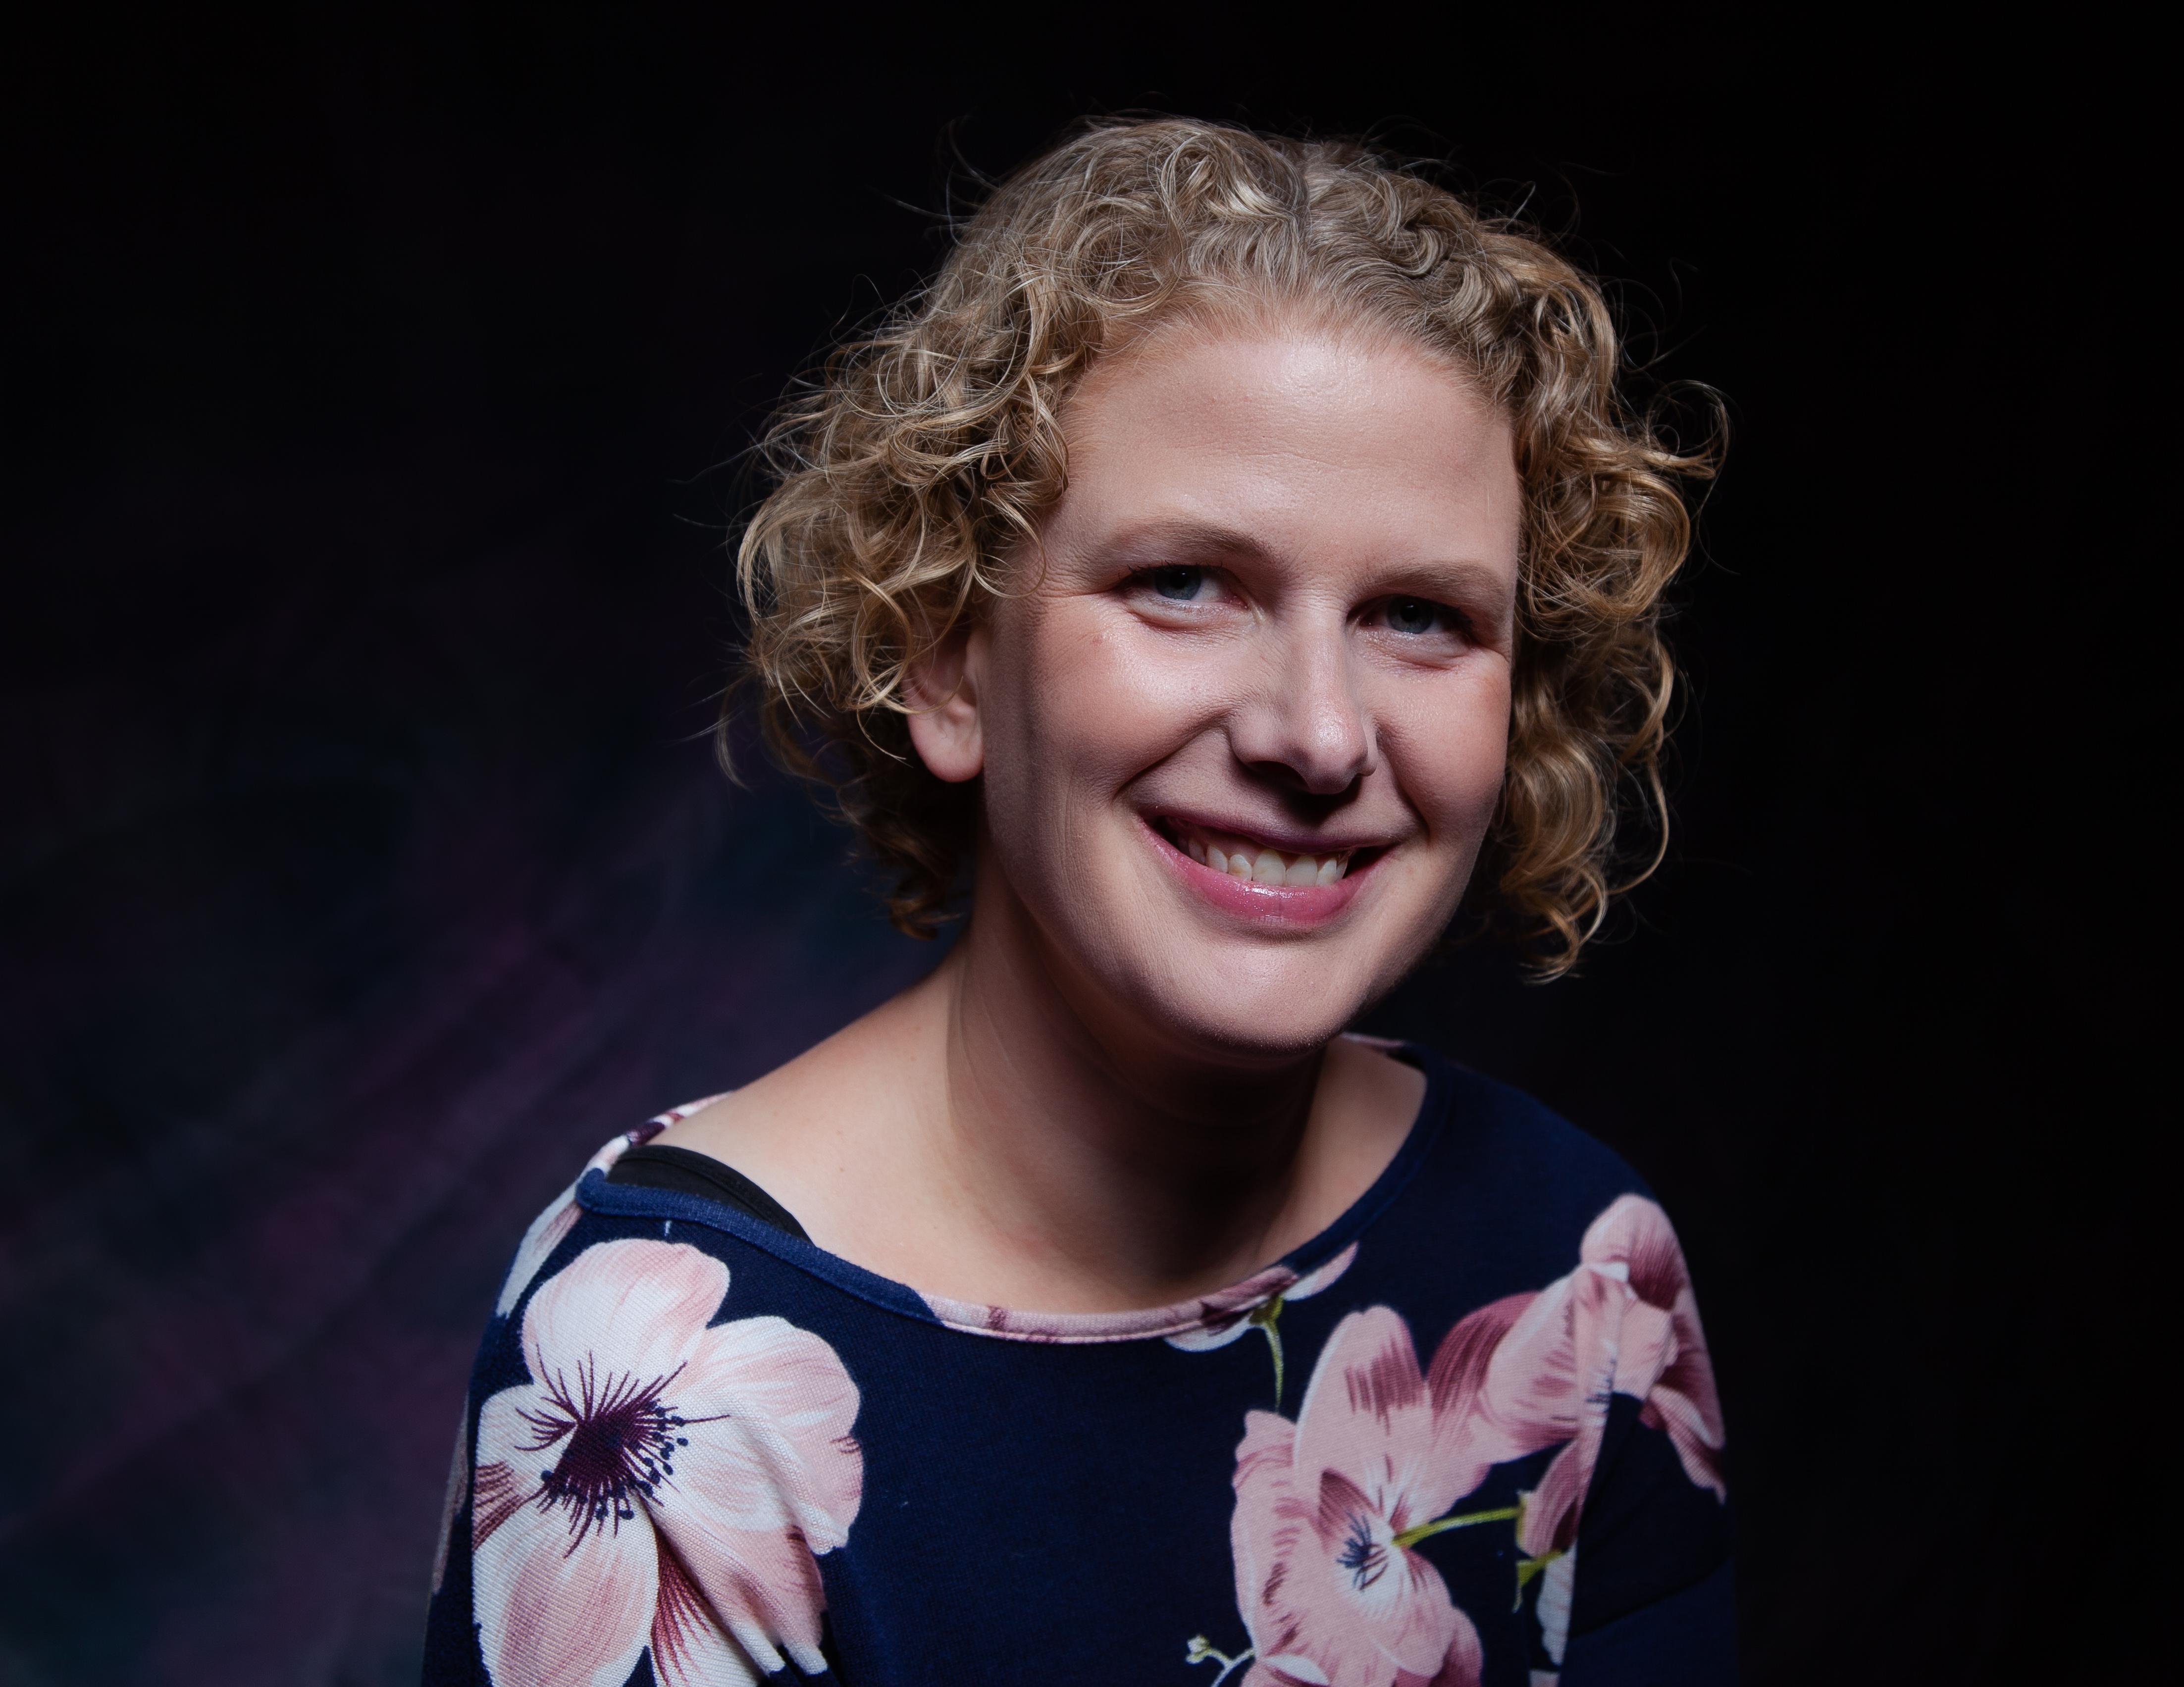 Pianiste Marieke Duin uit Zwaag voelt persoonlijk contact in kleine live-optredens. 'Ik hoop met muziek mensen blij en minder angstig te maken'